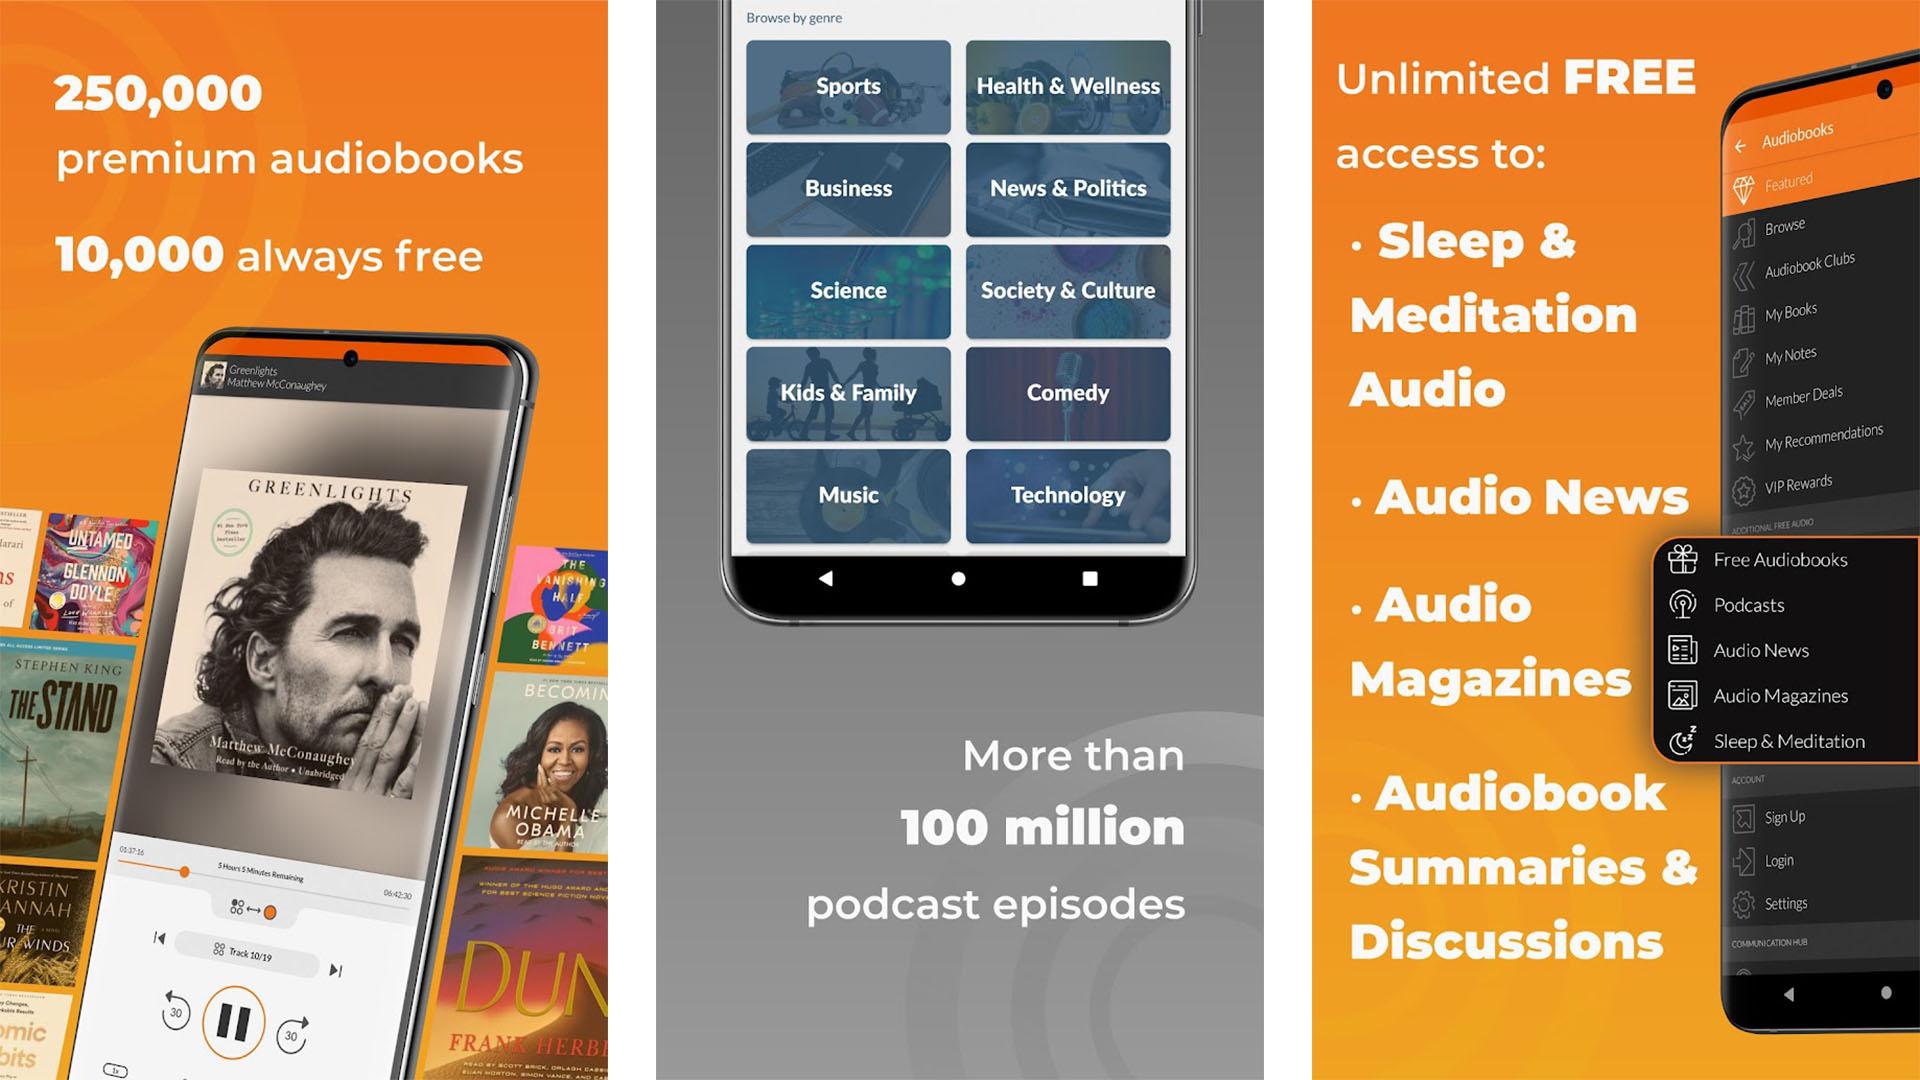 Audiobooks screenshot 2021